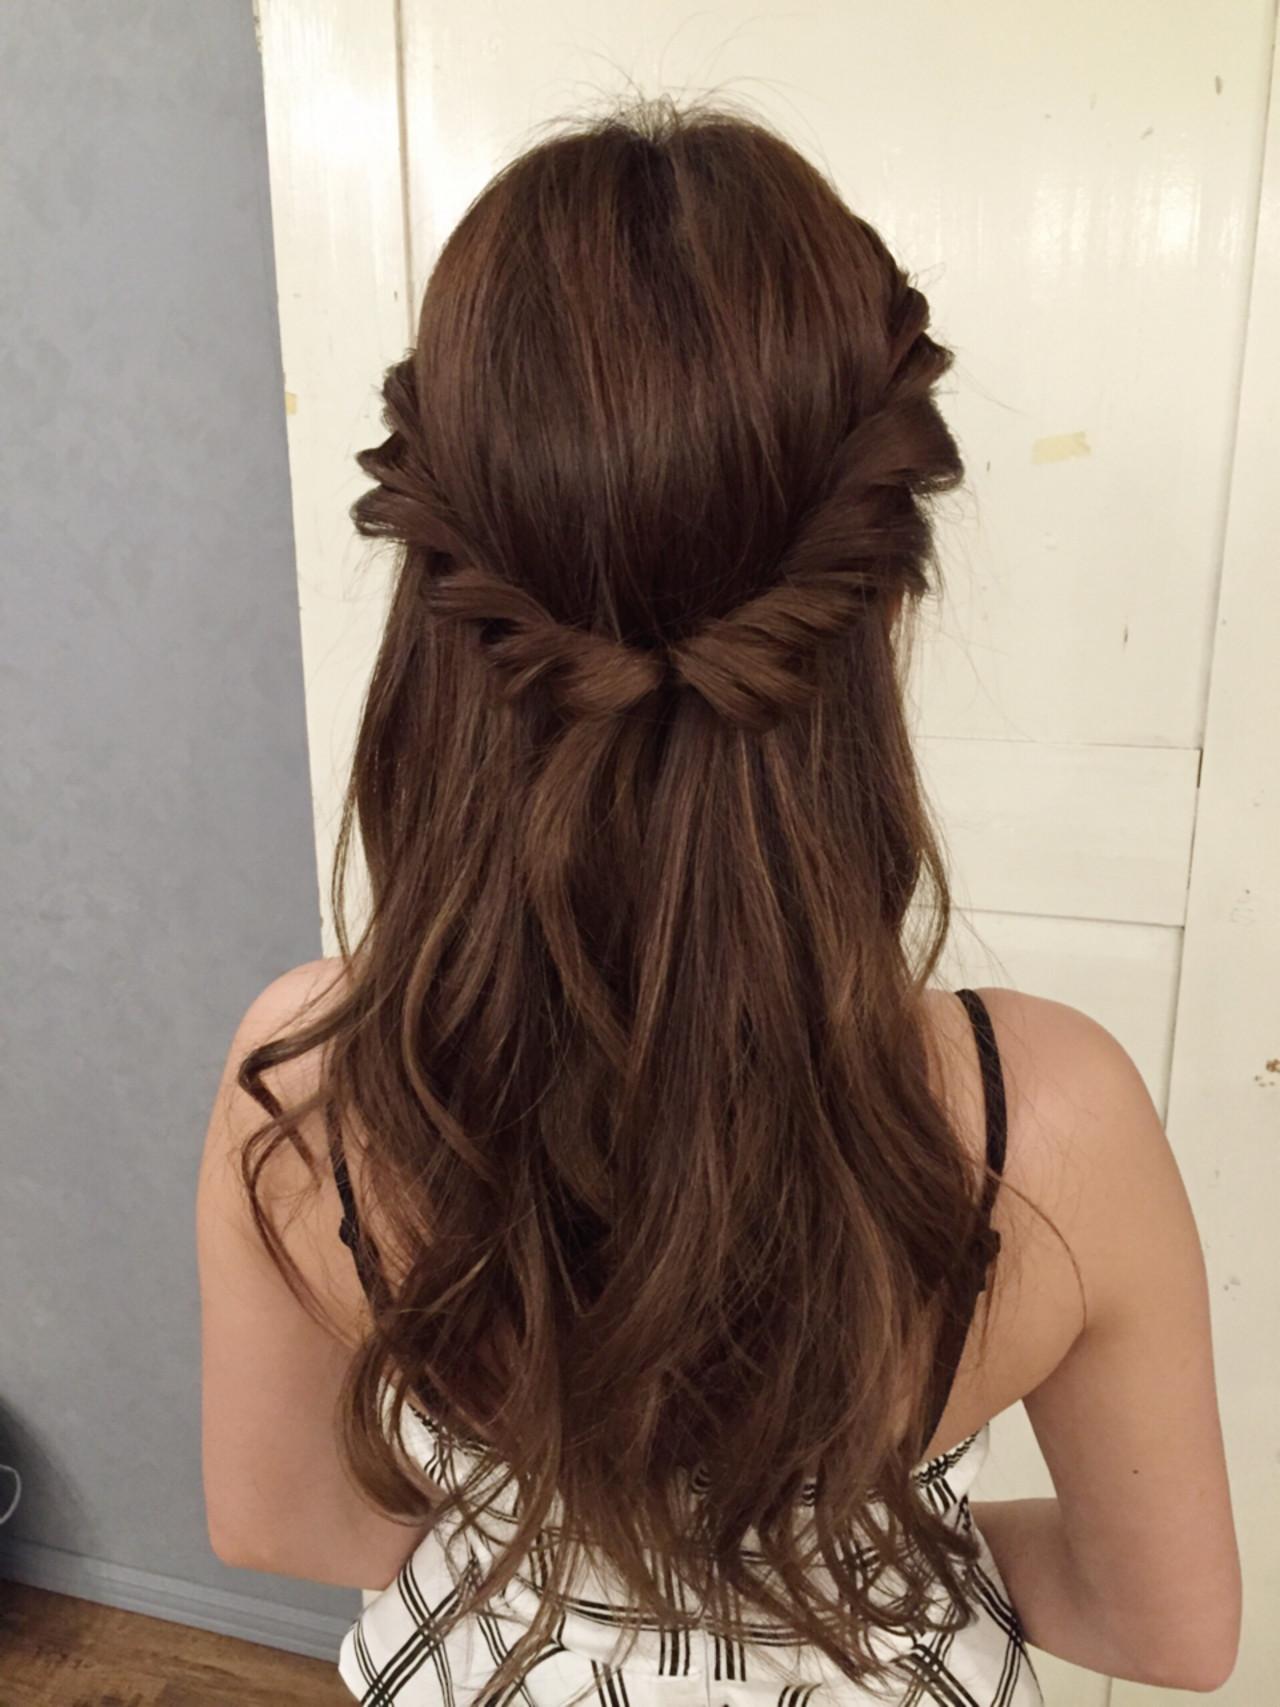 【ロングさん向け】髪が長いからこそ楽しむべき♪ヘアアレンジ12選 ナミナミ